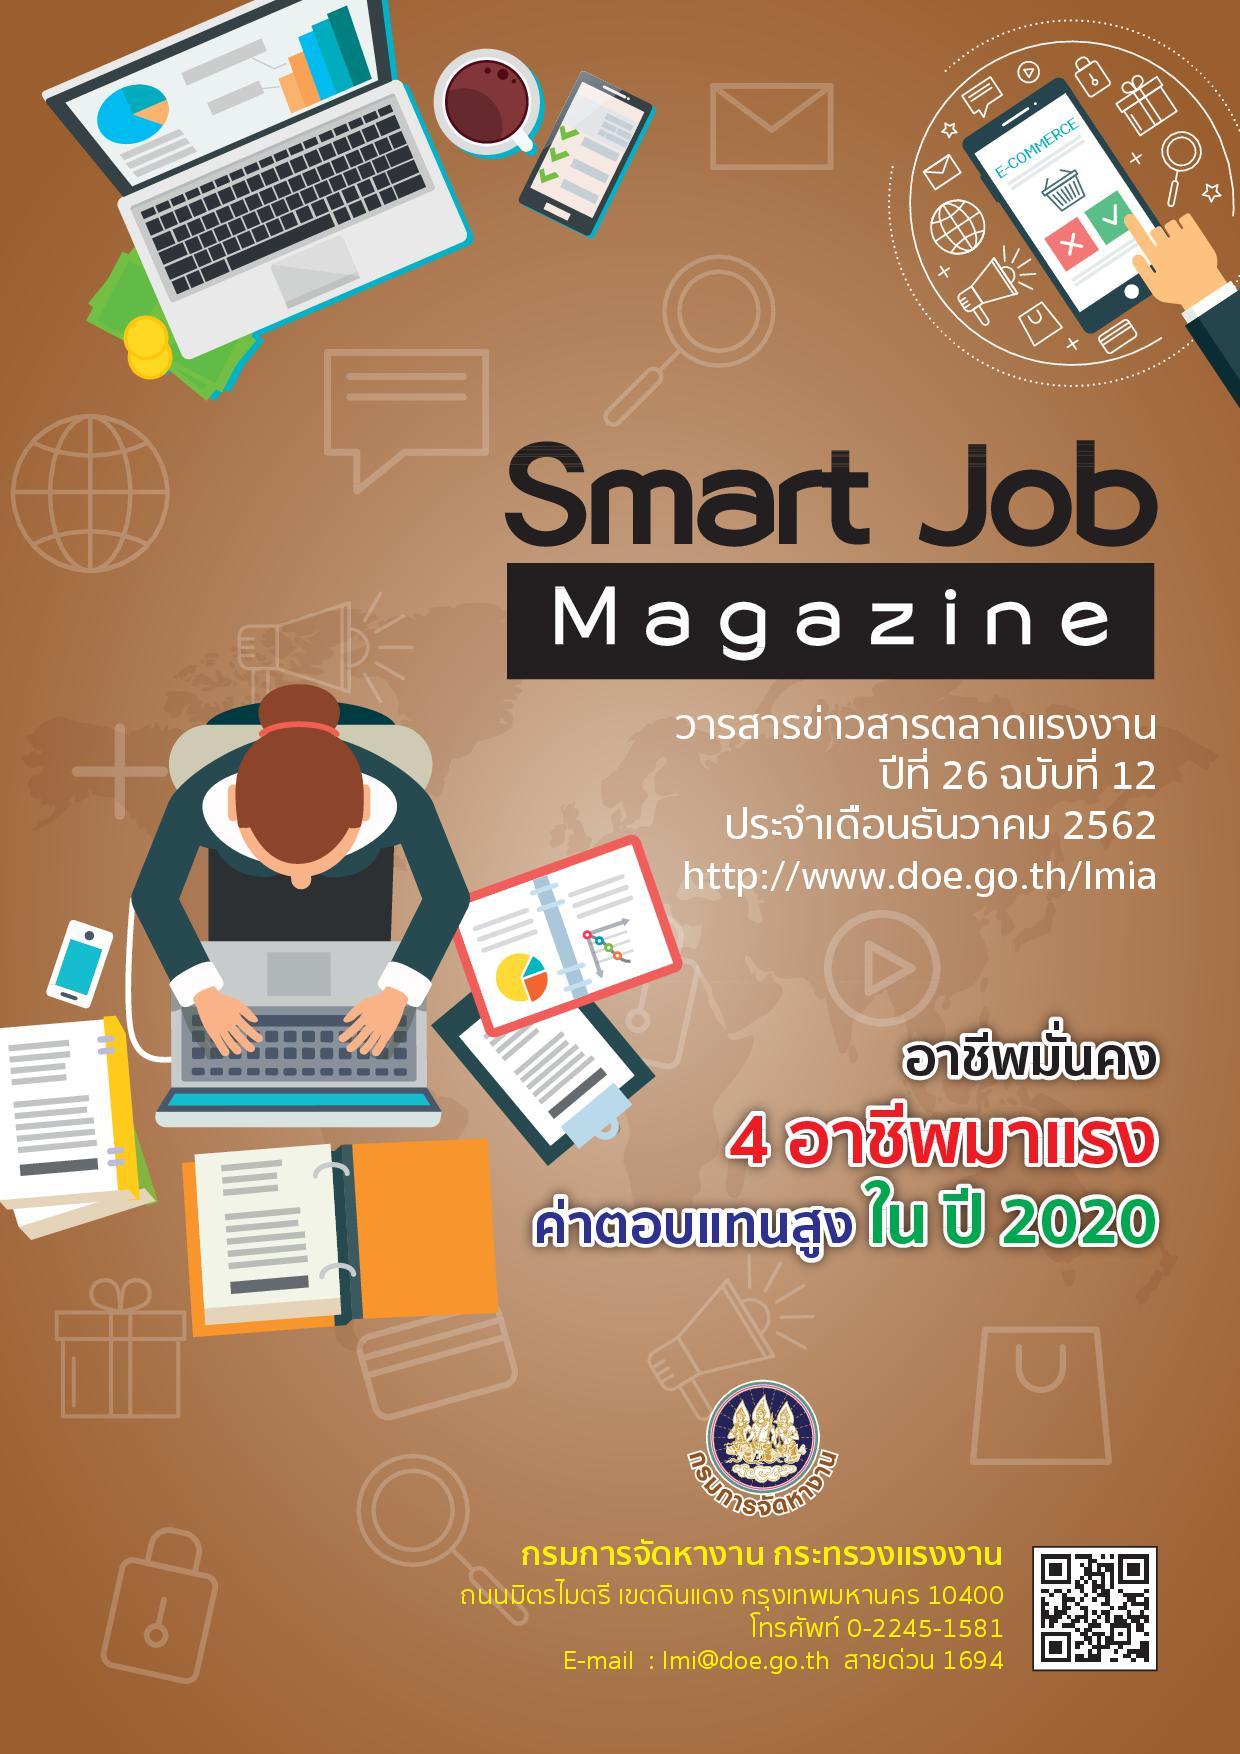 วารสารข่าวสารตลาดแรงงาน ปีที่ 26 ฉบับที่ 12 เดือนธันวาคม 2562